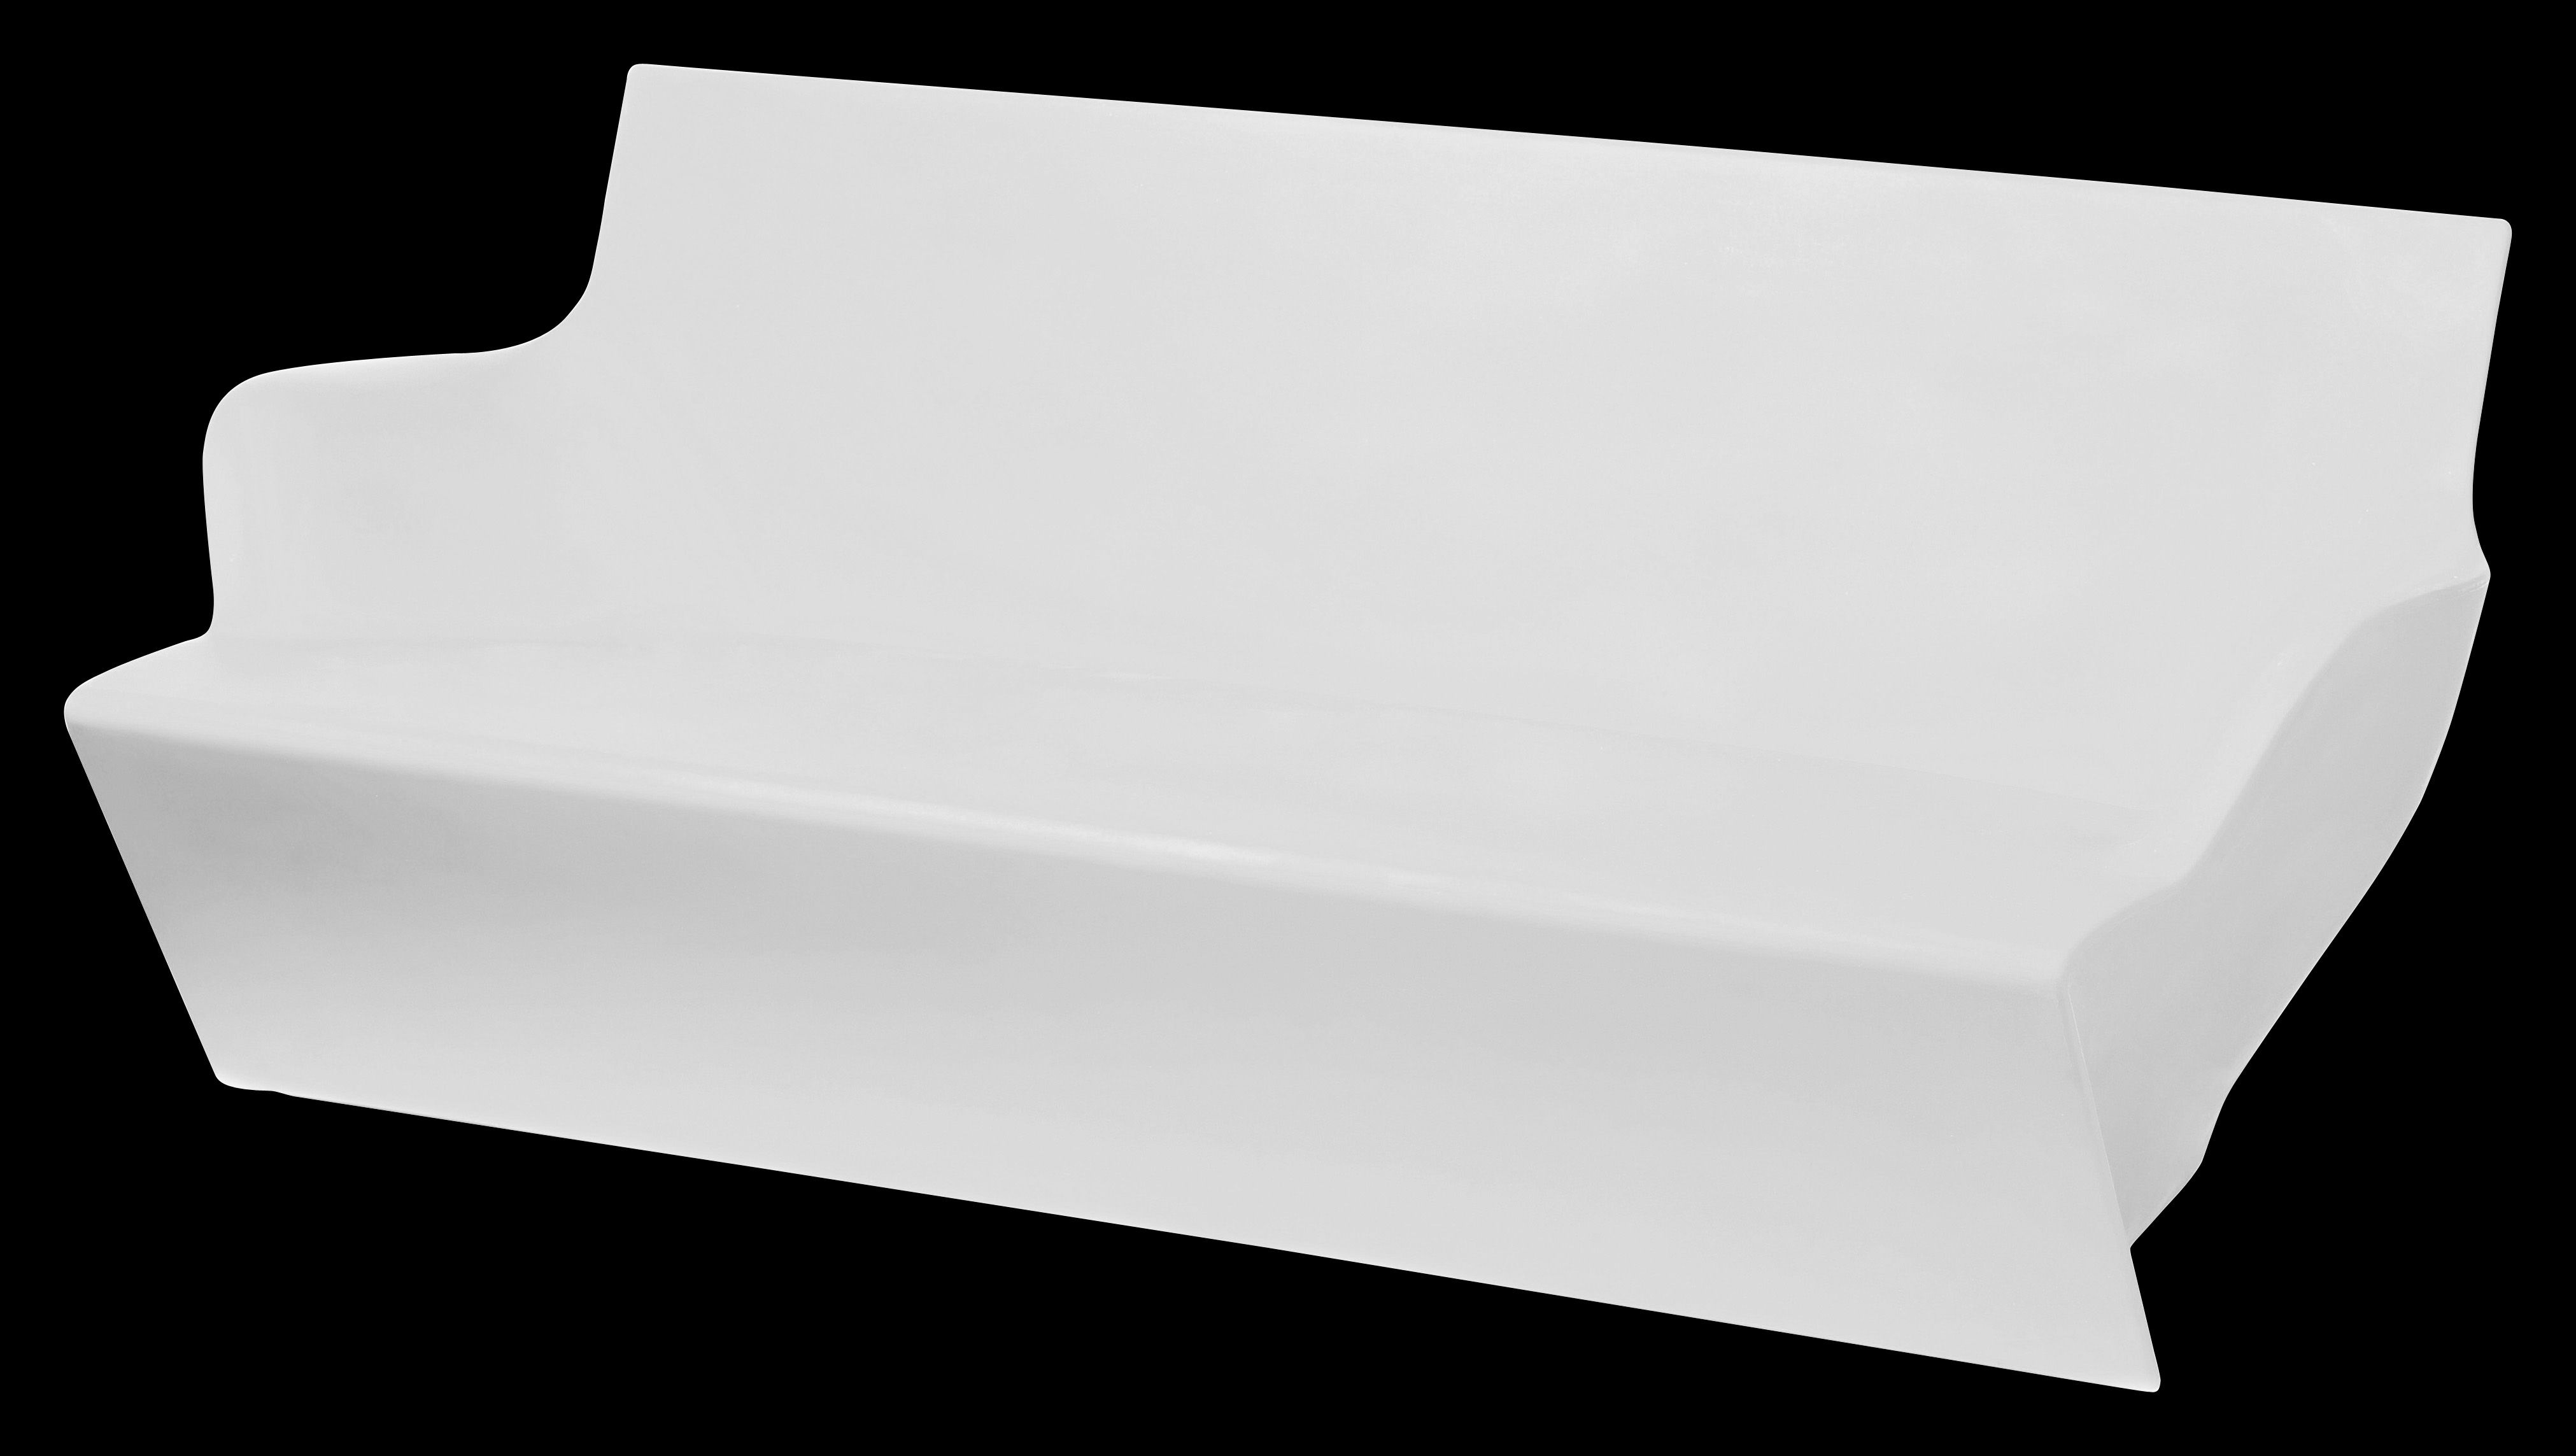 Mobilier - Mobilier lumineux - Canapé lumineux Kami Yon - Slide - Lumineux blanc - Polyéthylène